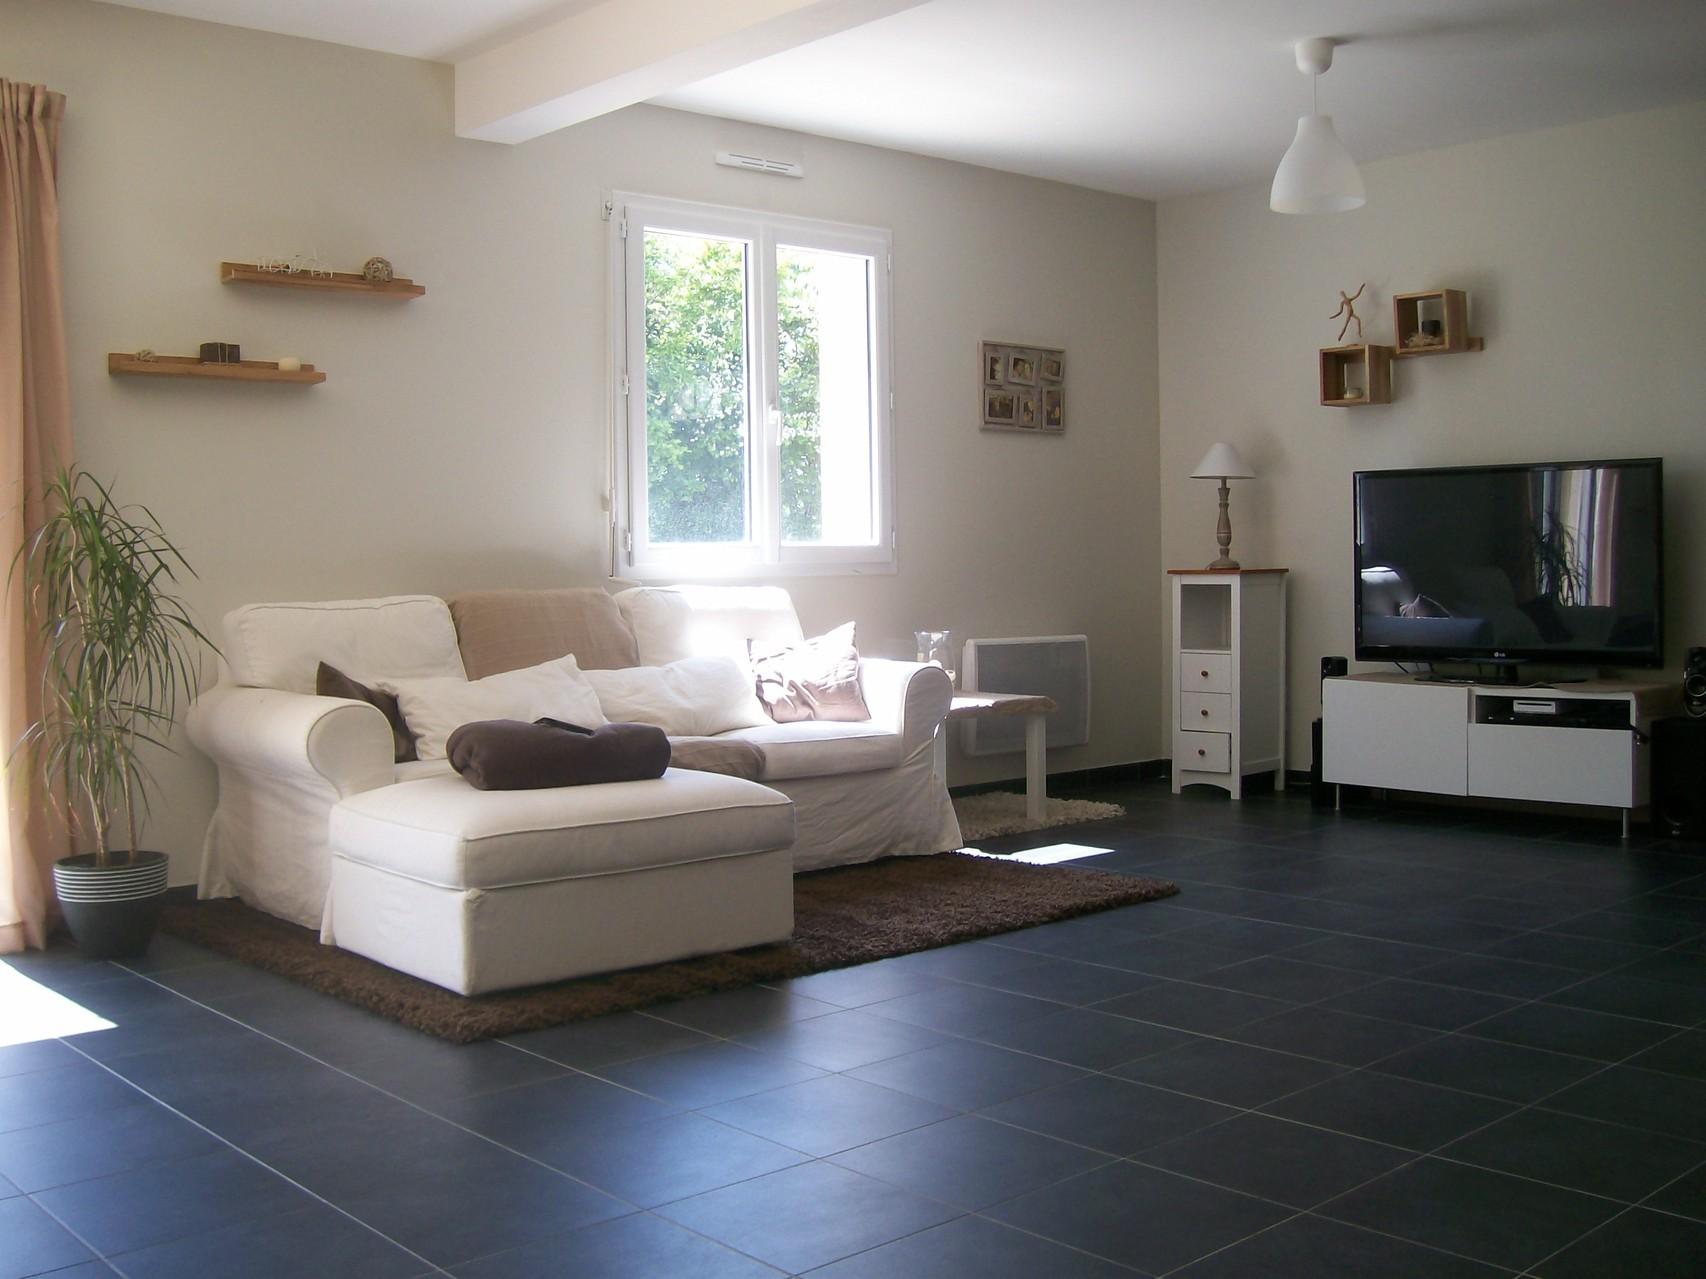 comment vendre sa maison rapidement mettez en valeur les atouts de votre proprit pour trouver. Black Bedroom Furniture Sets. Home Design Ideas